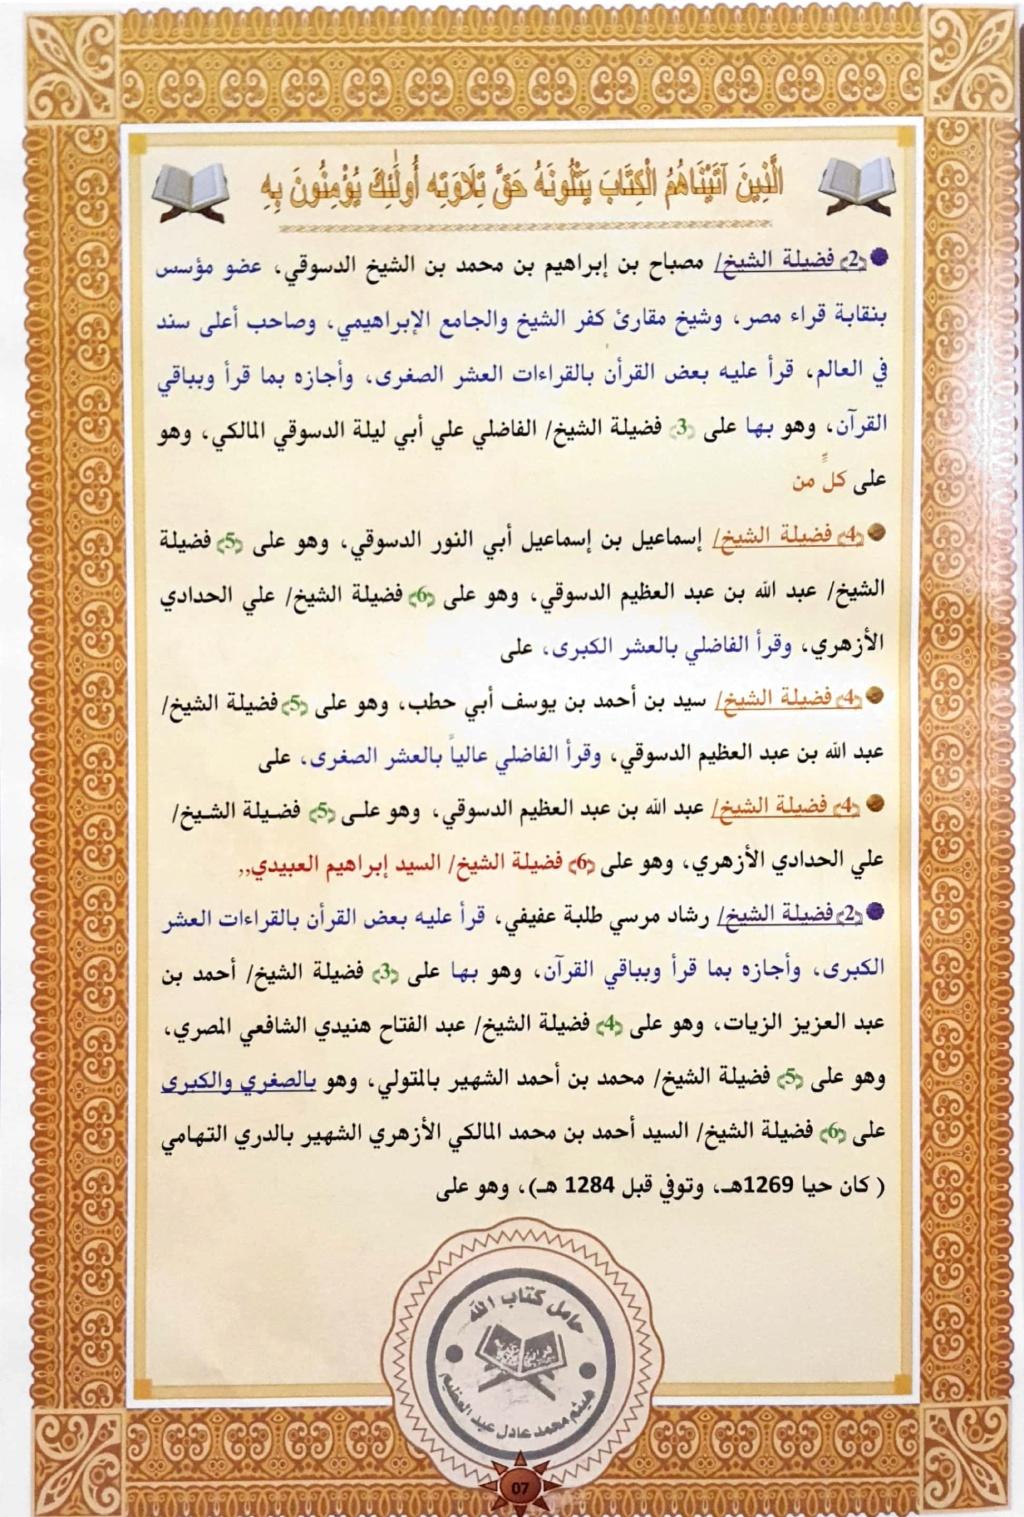 إجازة الشيخ أحمد محمد لبن بقراءة الإمام عاصم  Aeo_aa21